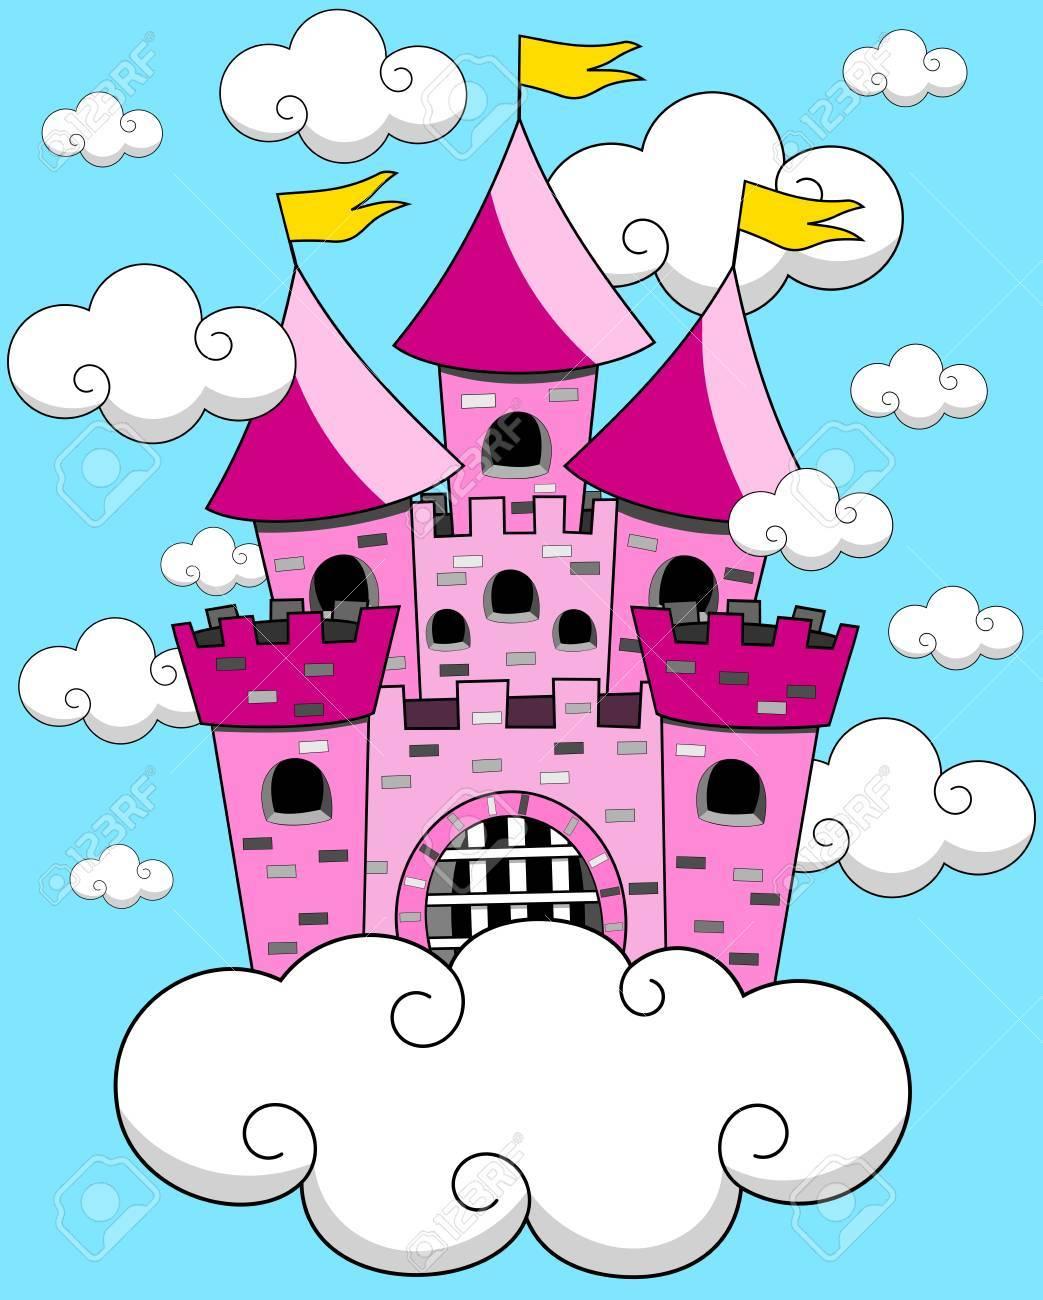 漫画ファンタジー浮遊城ラピュタのイラスト素材ベクタ Image 58735105